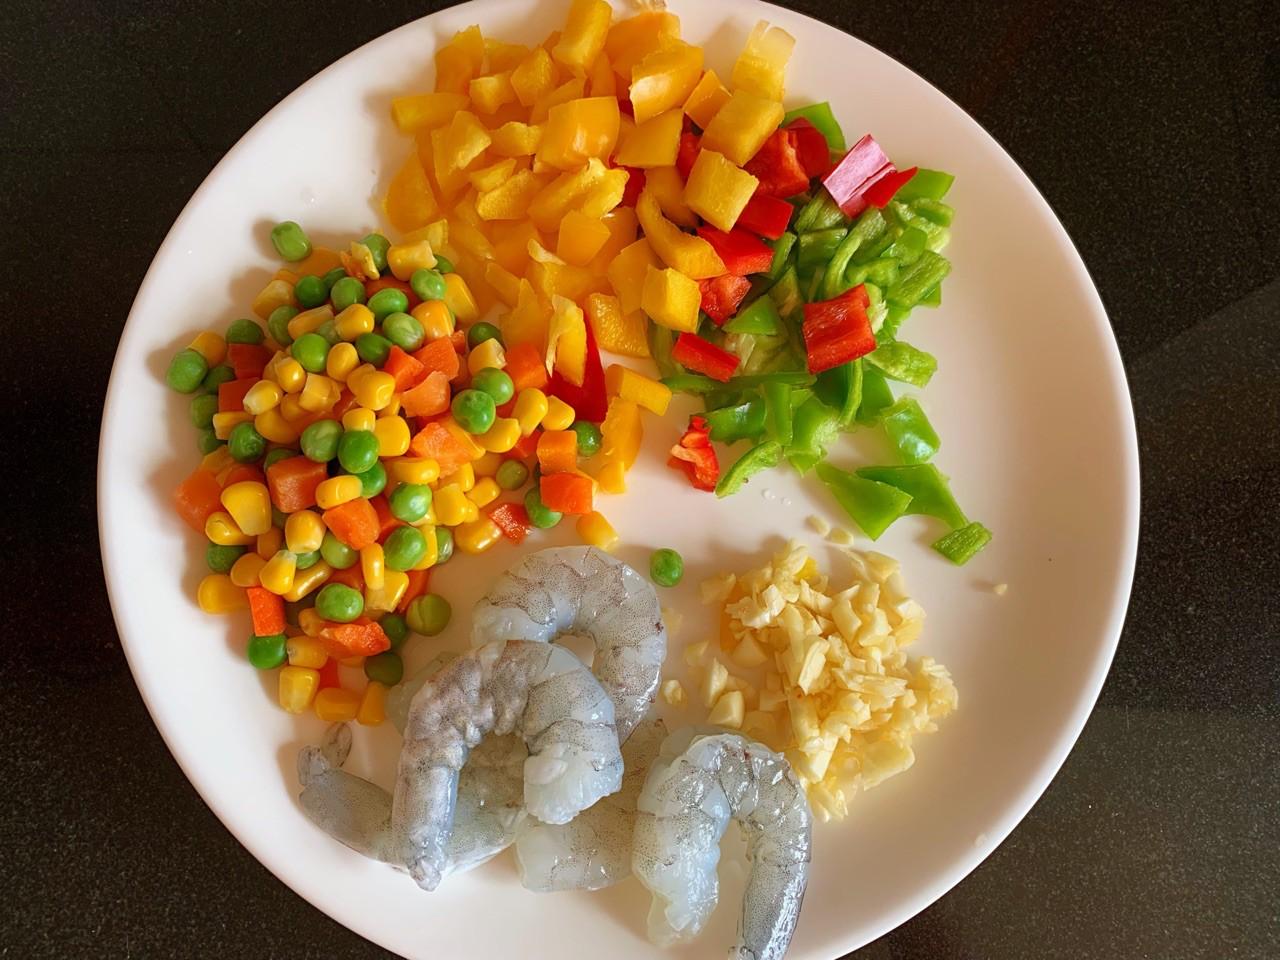 Tôm xào rau củ lạ miệng cho cơm tối cuối tuần - Ảnh 1.